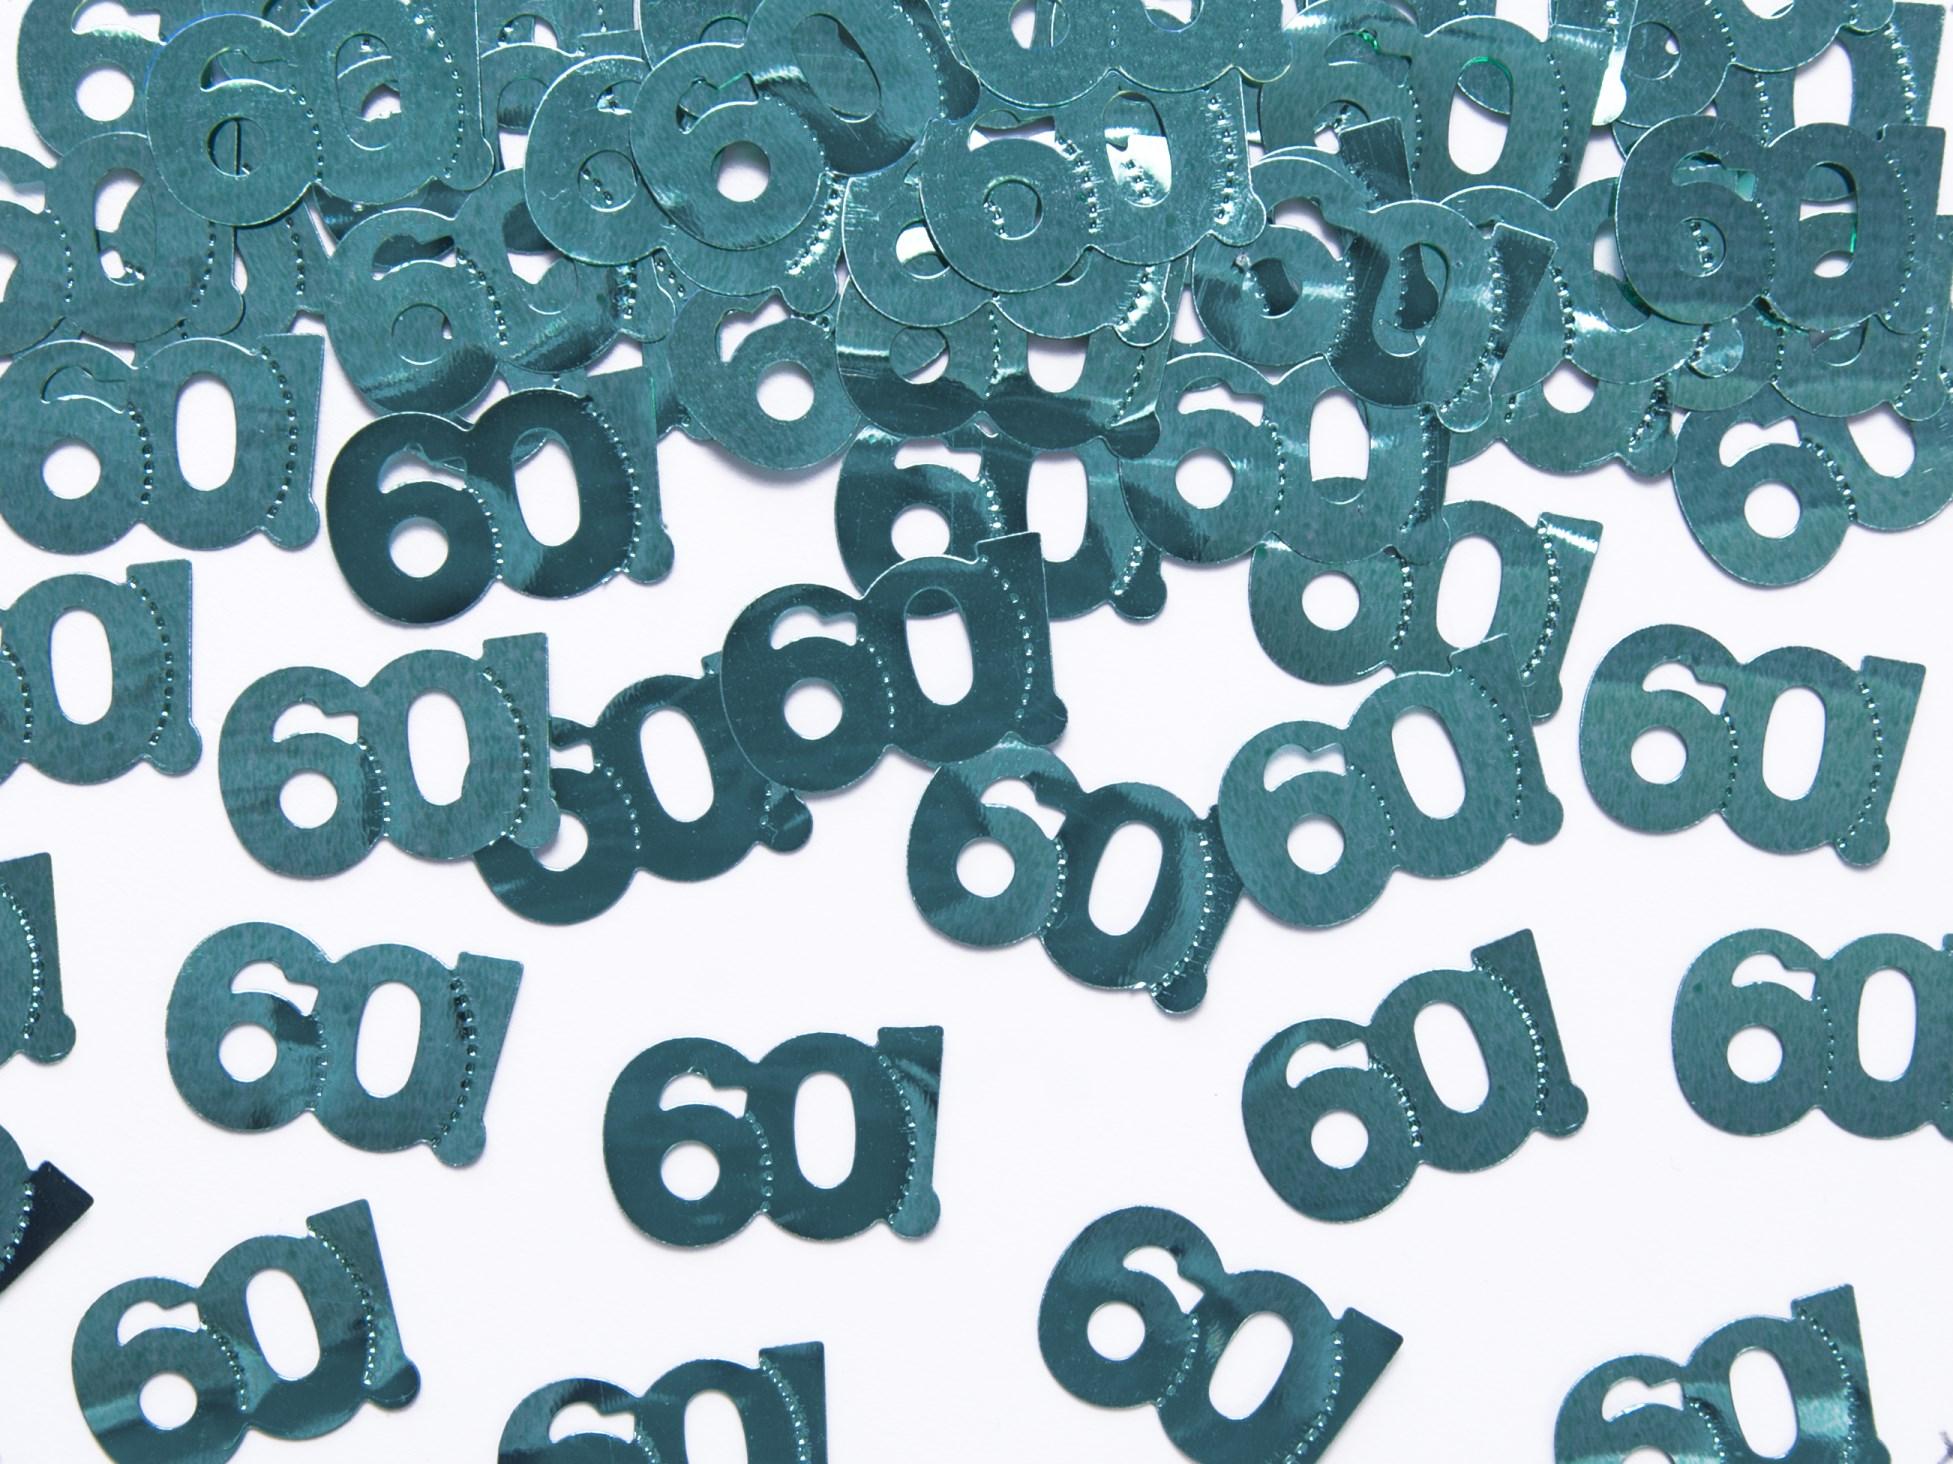 Κονφετί 60! Πετρόλ Χρώματος – 15 Γραμμάρια